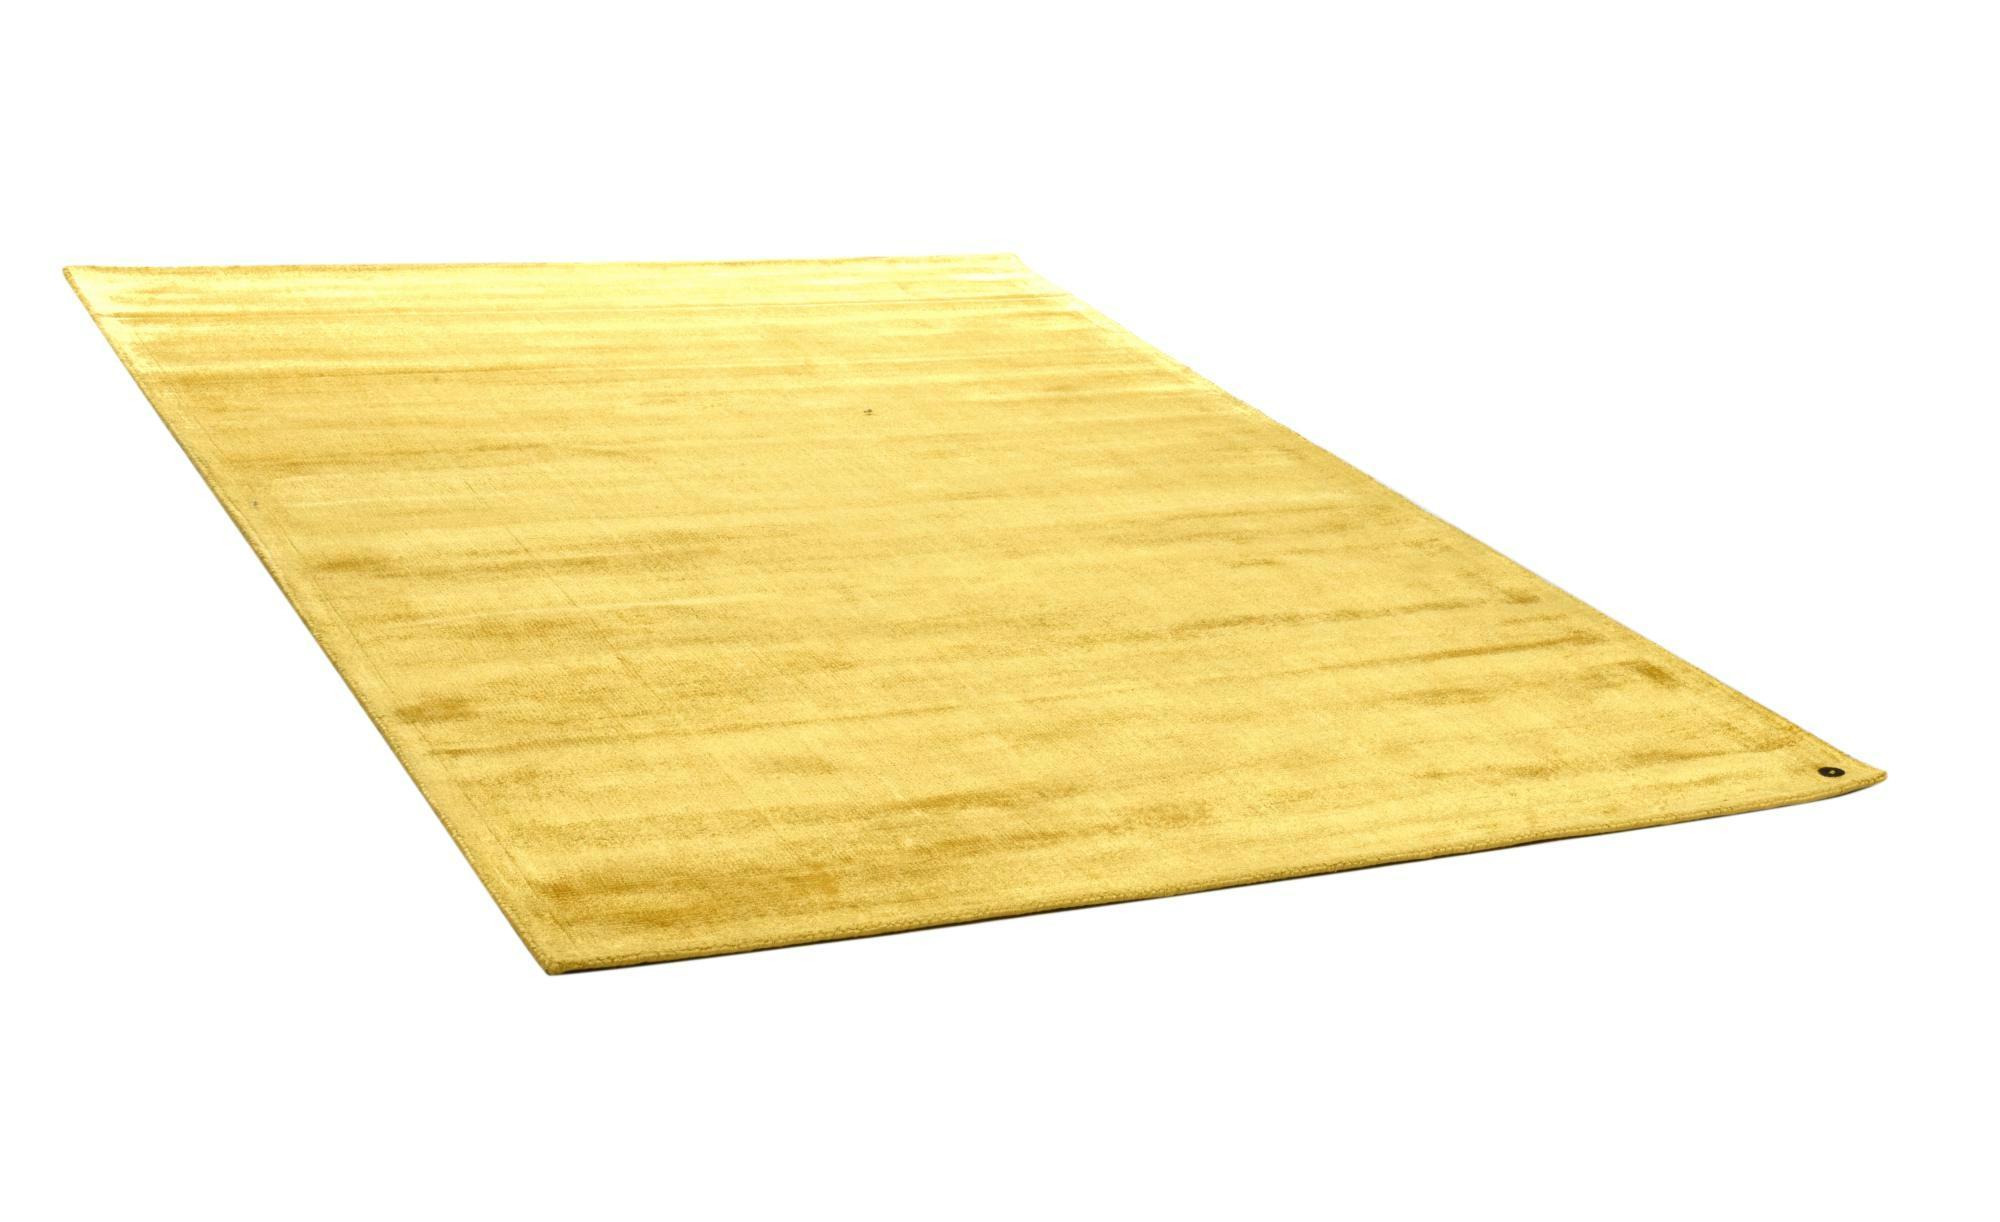 Tom Tailor Teppich handgewebt  Shine ¦ gelb ¦ reine Viskose ¦ Maße (cm): B: 160 Teppiche > Wohnteppiche - Höffner